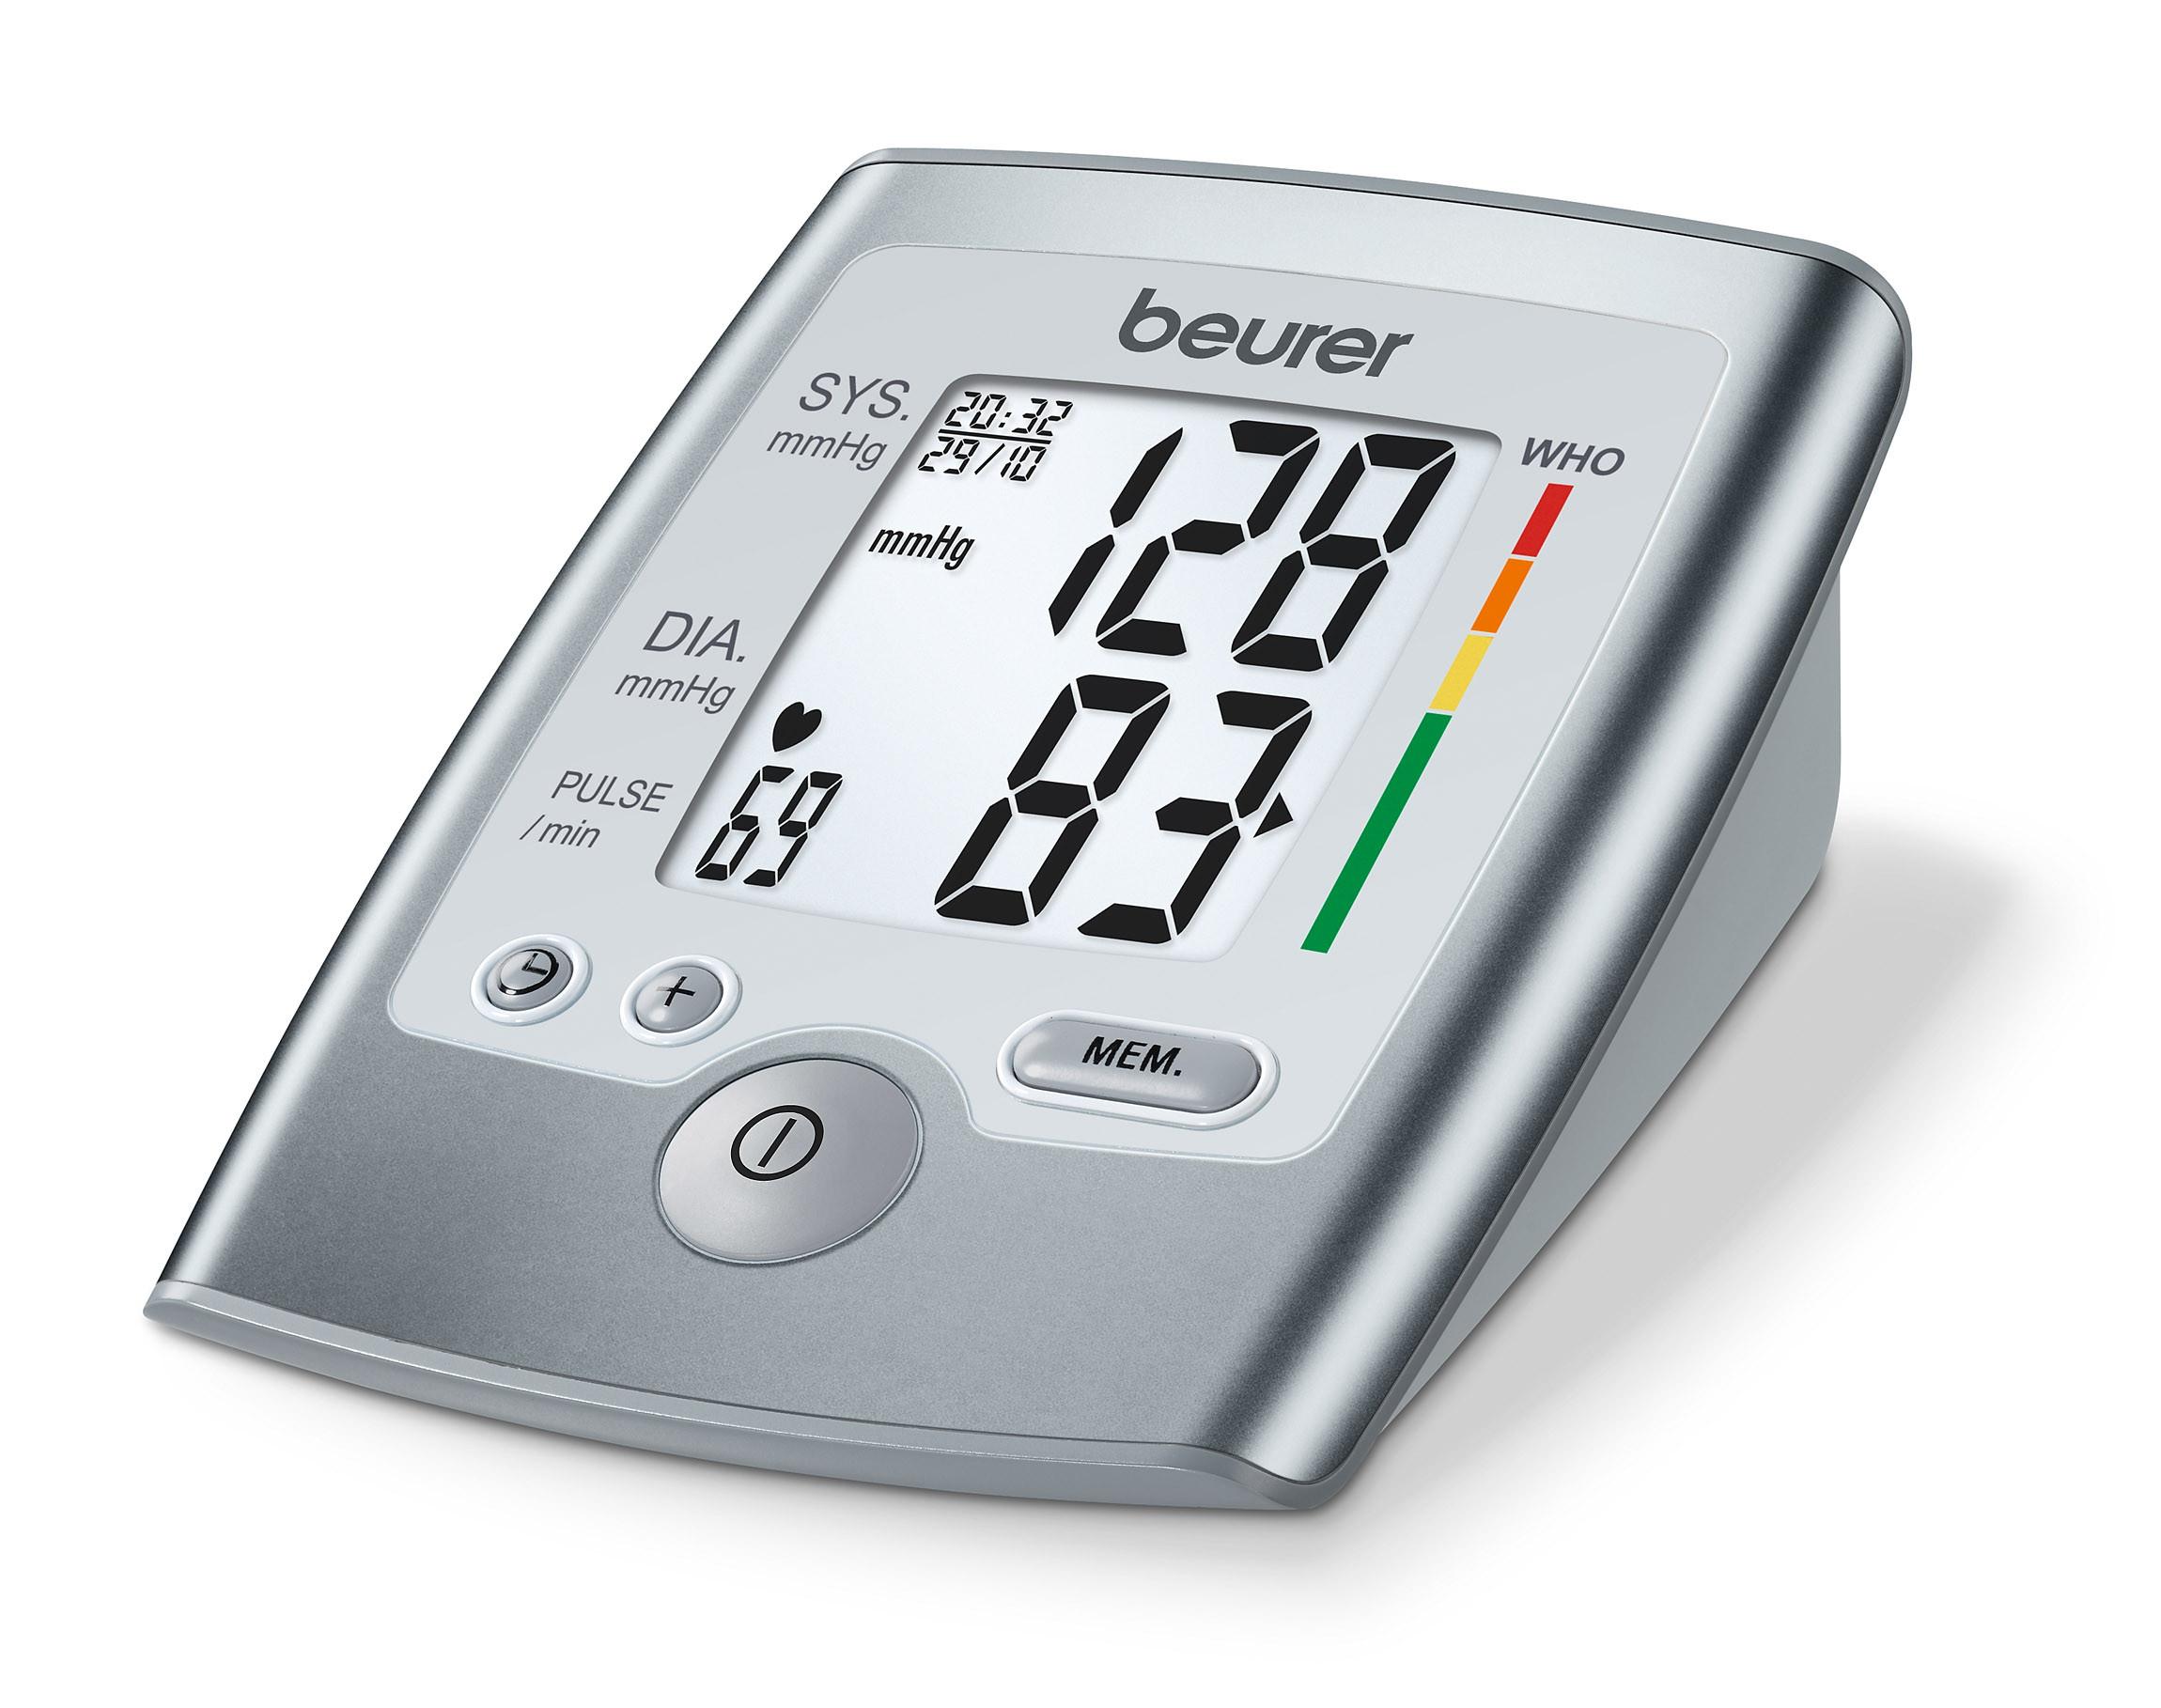 BM35 Blodtryksmåler til overarm, WHO indikator, stort letlæseligt display